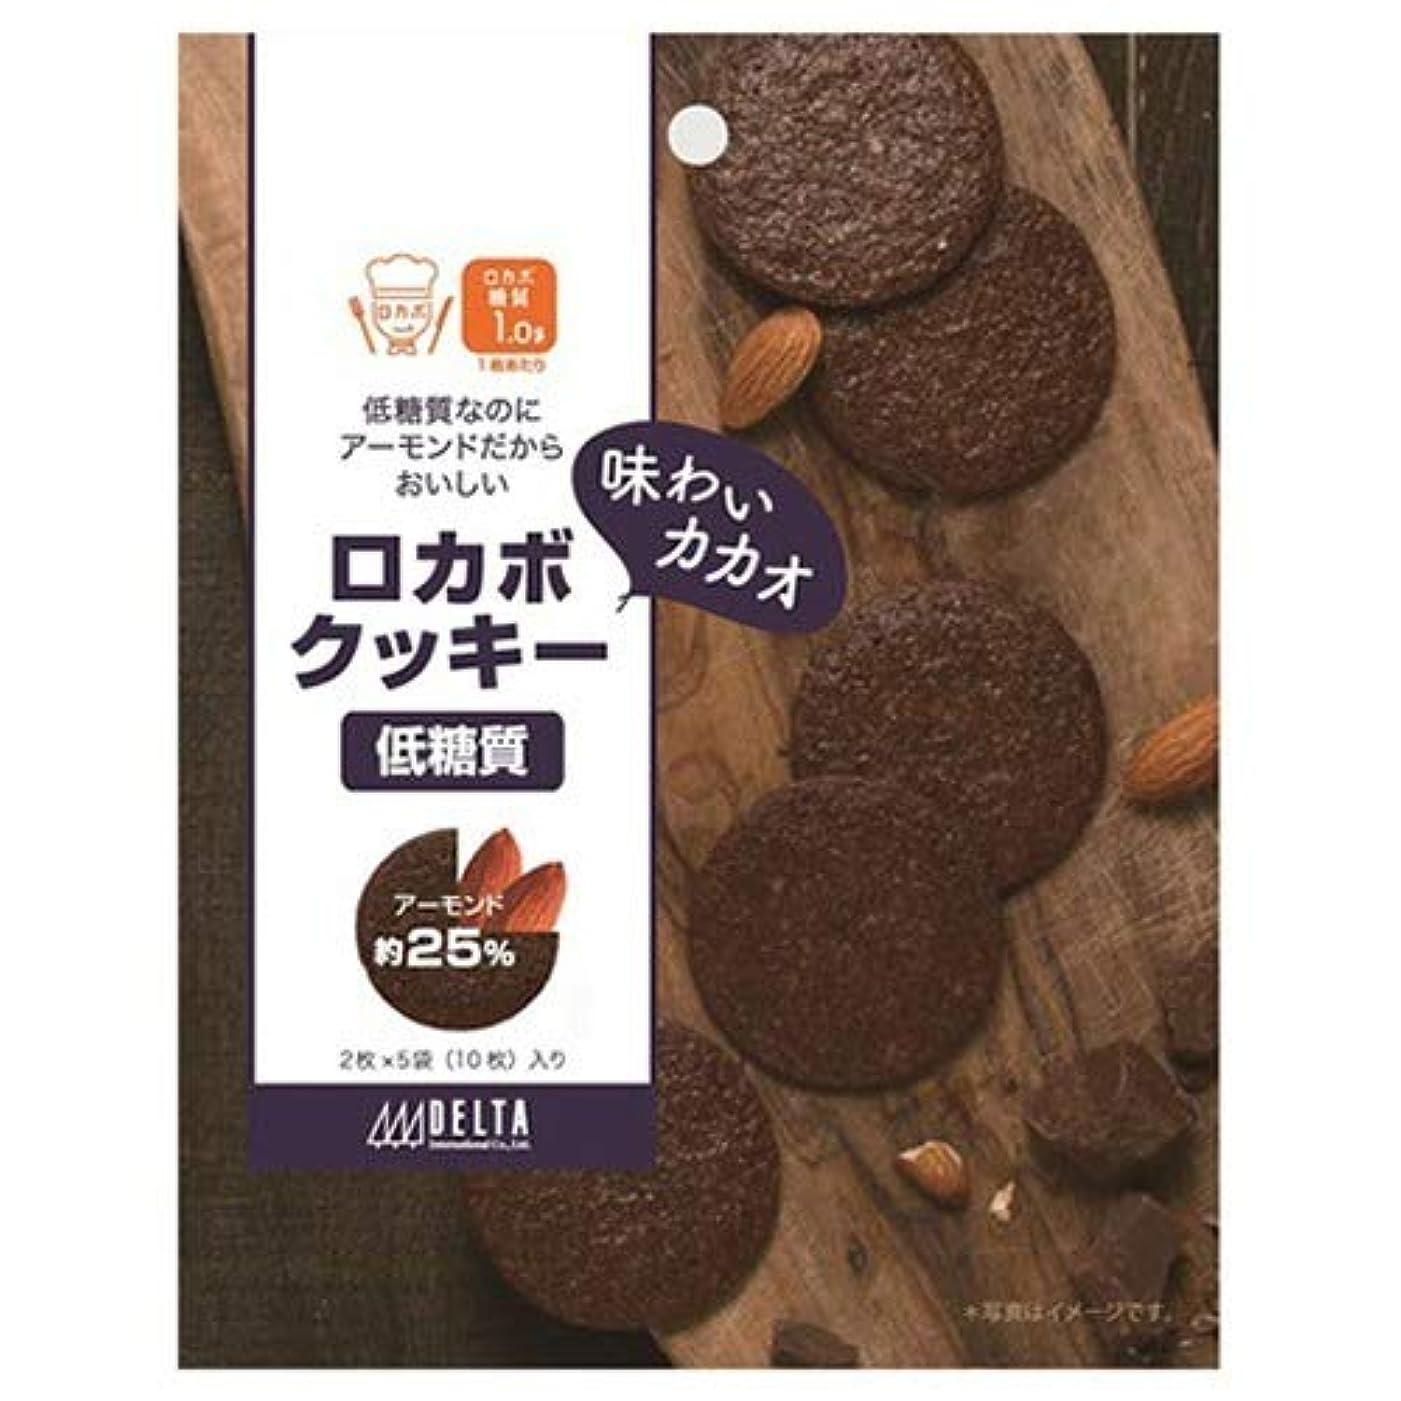 悲しみ弓愛ロカボクッキー味わいカカオ 10枚